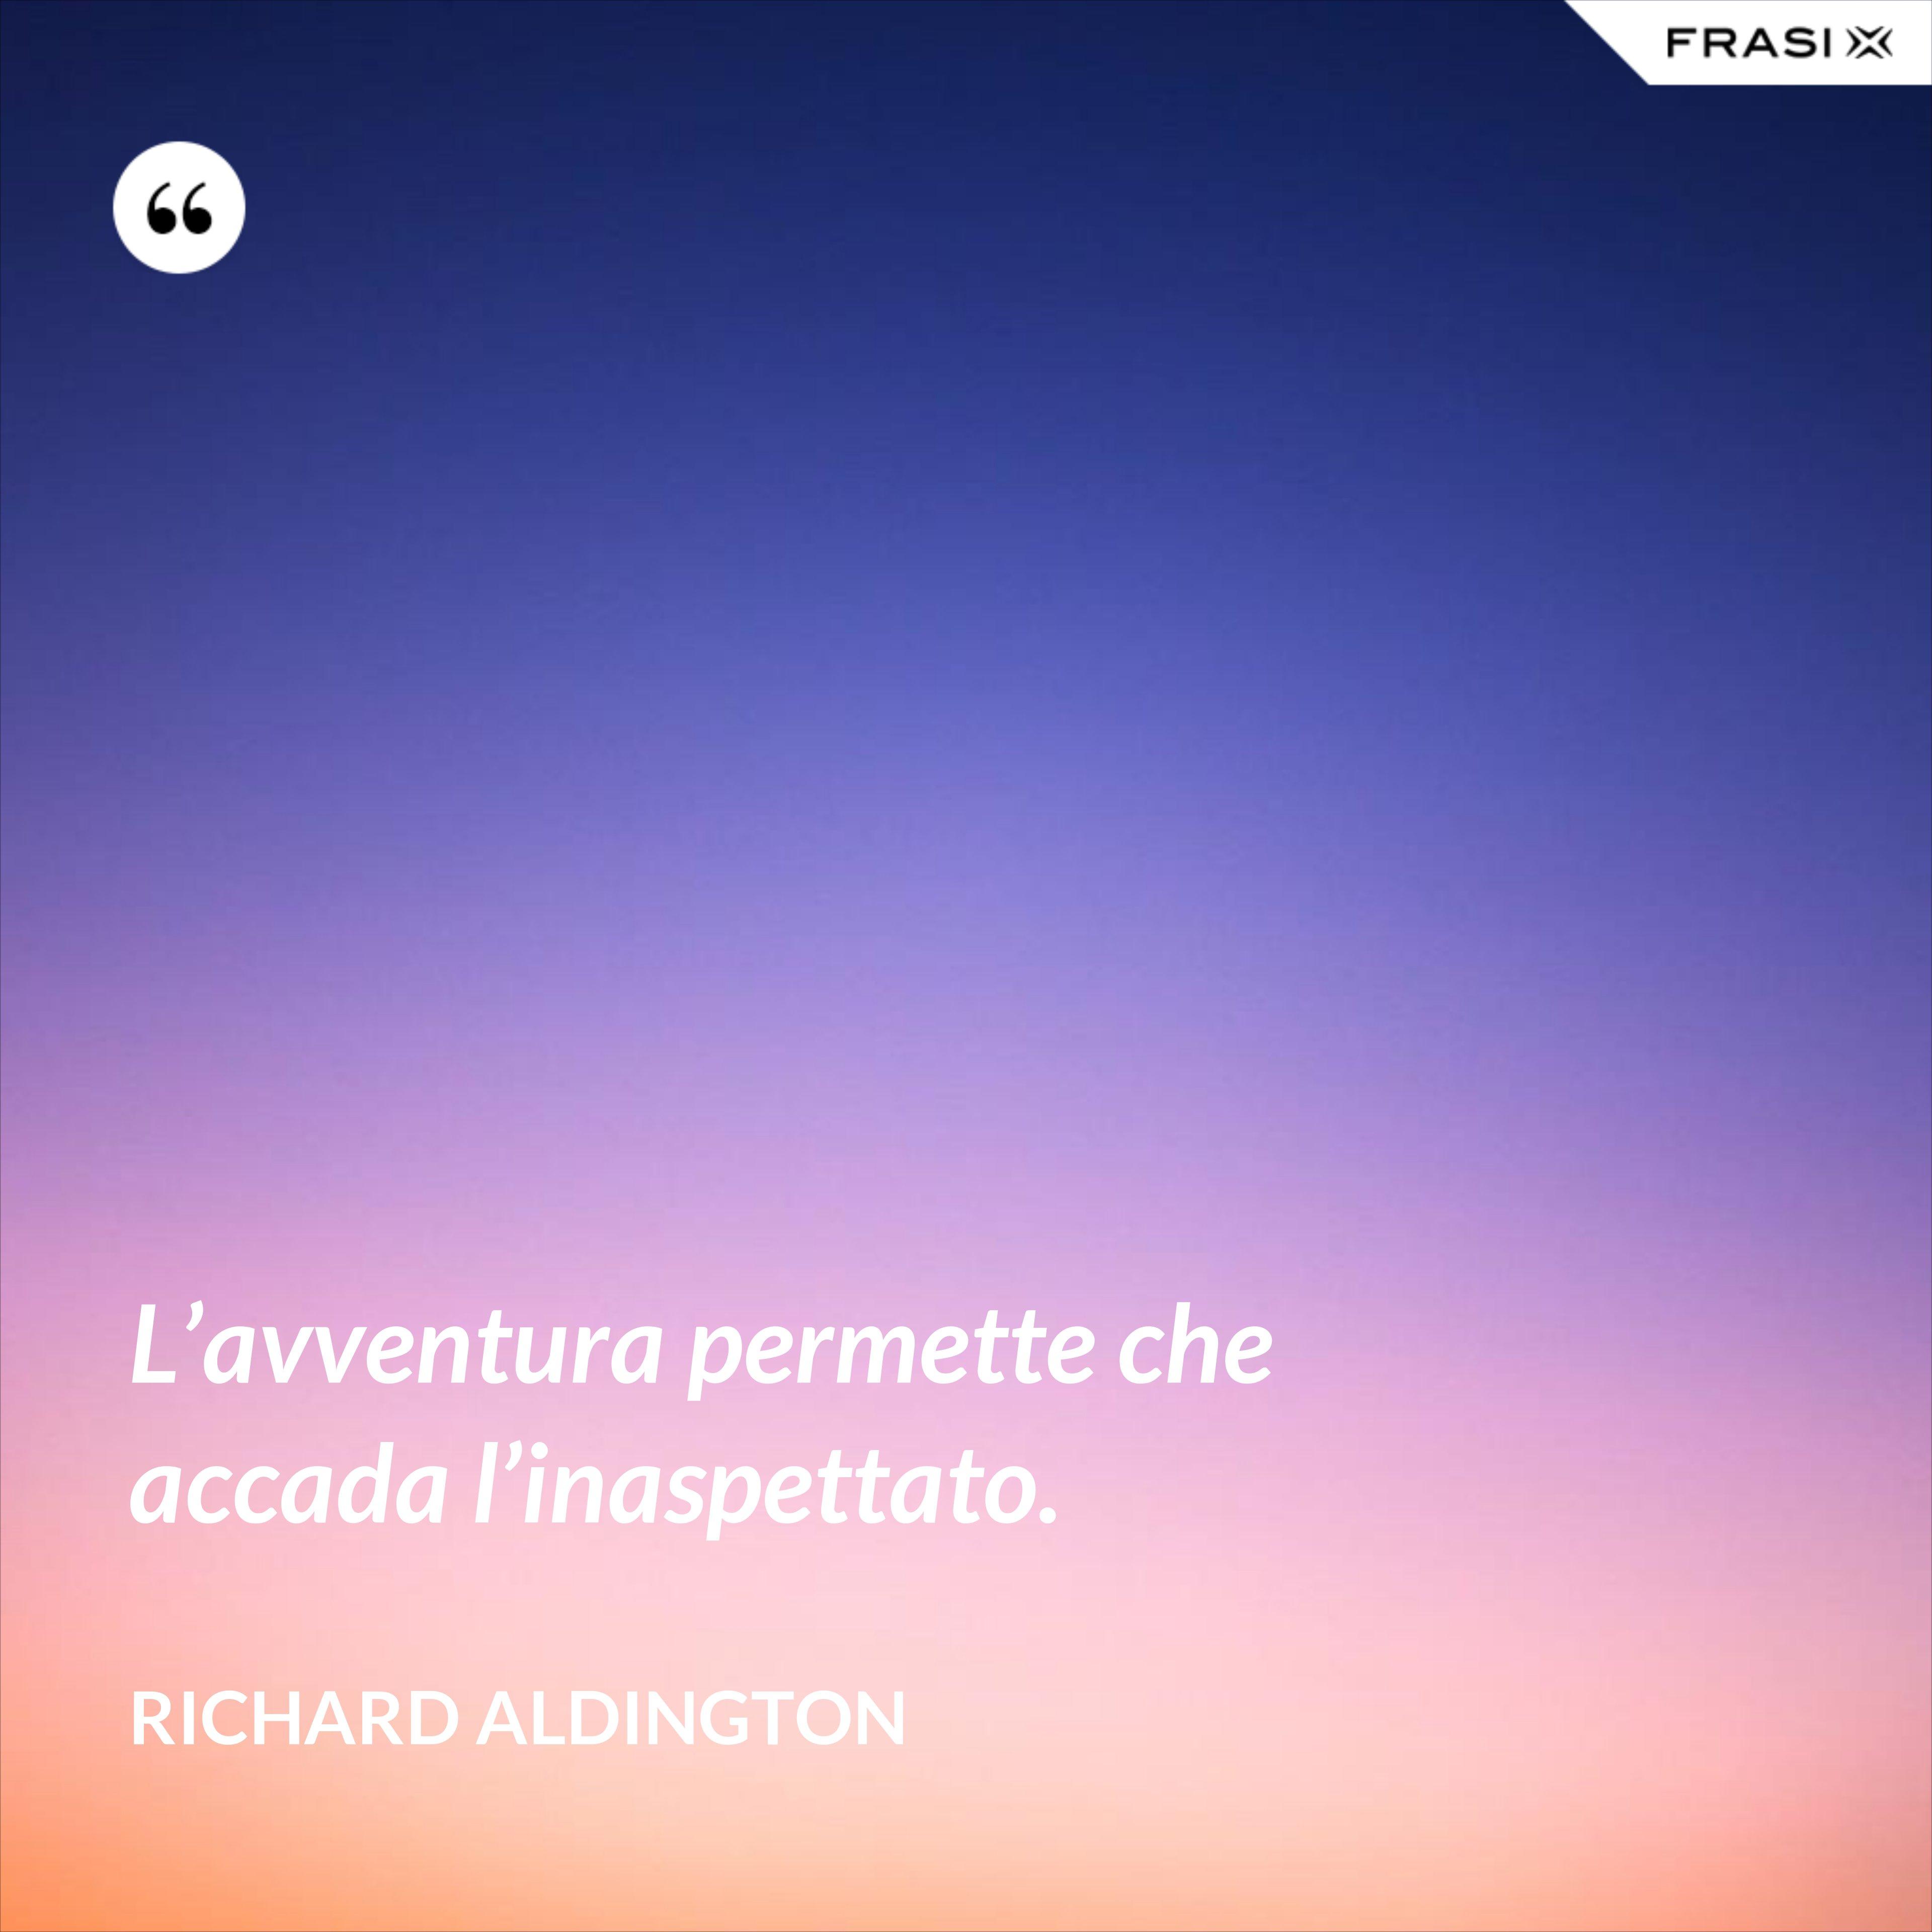 L'avventura permette che accada l'inaspettato. - Richard Aldington